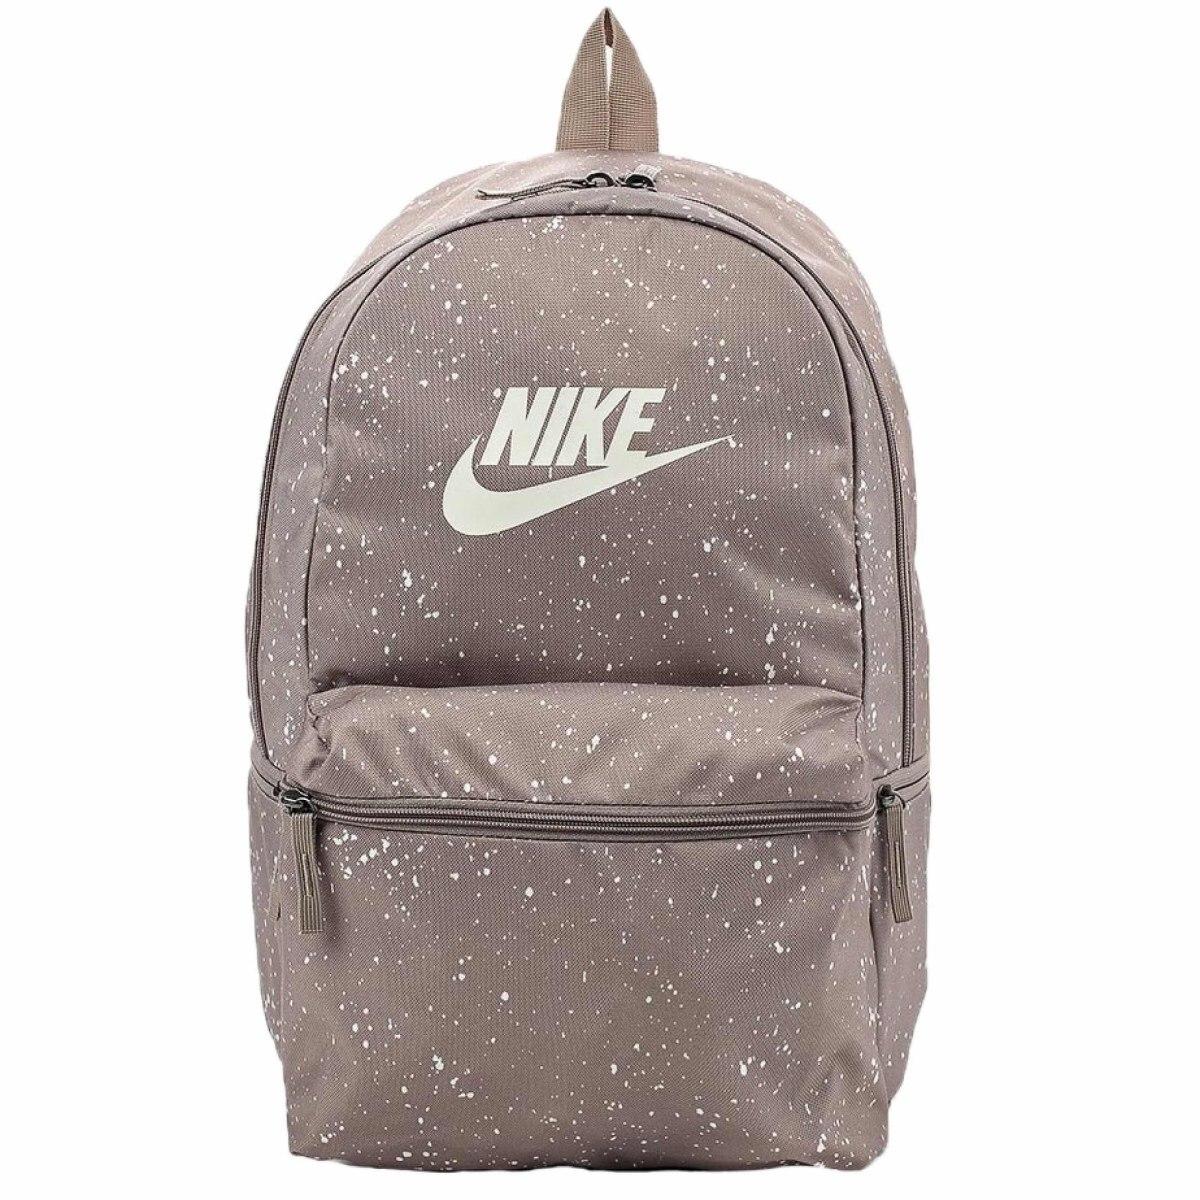 Mochila Nike Pivot Original -   999.00 en Mercado Libre 552b09b46f449